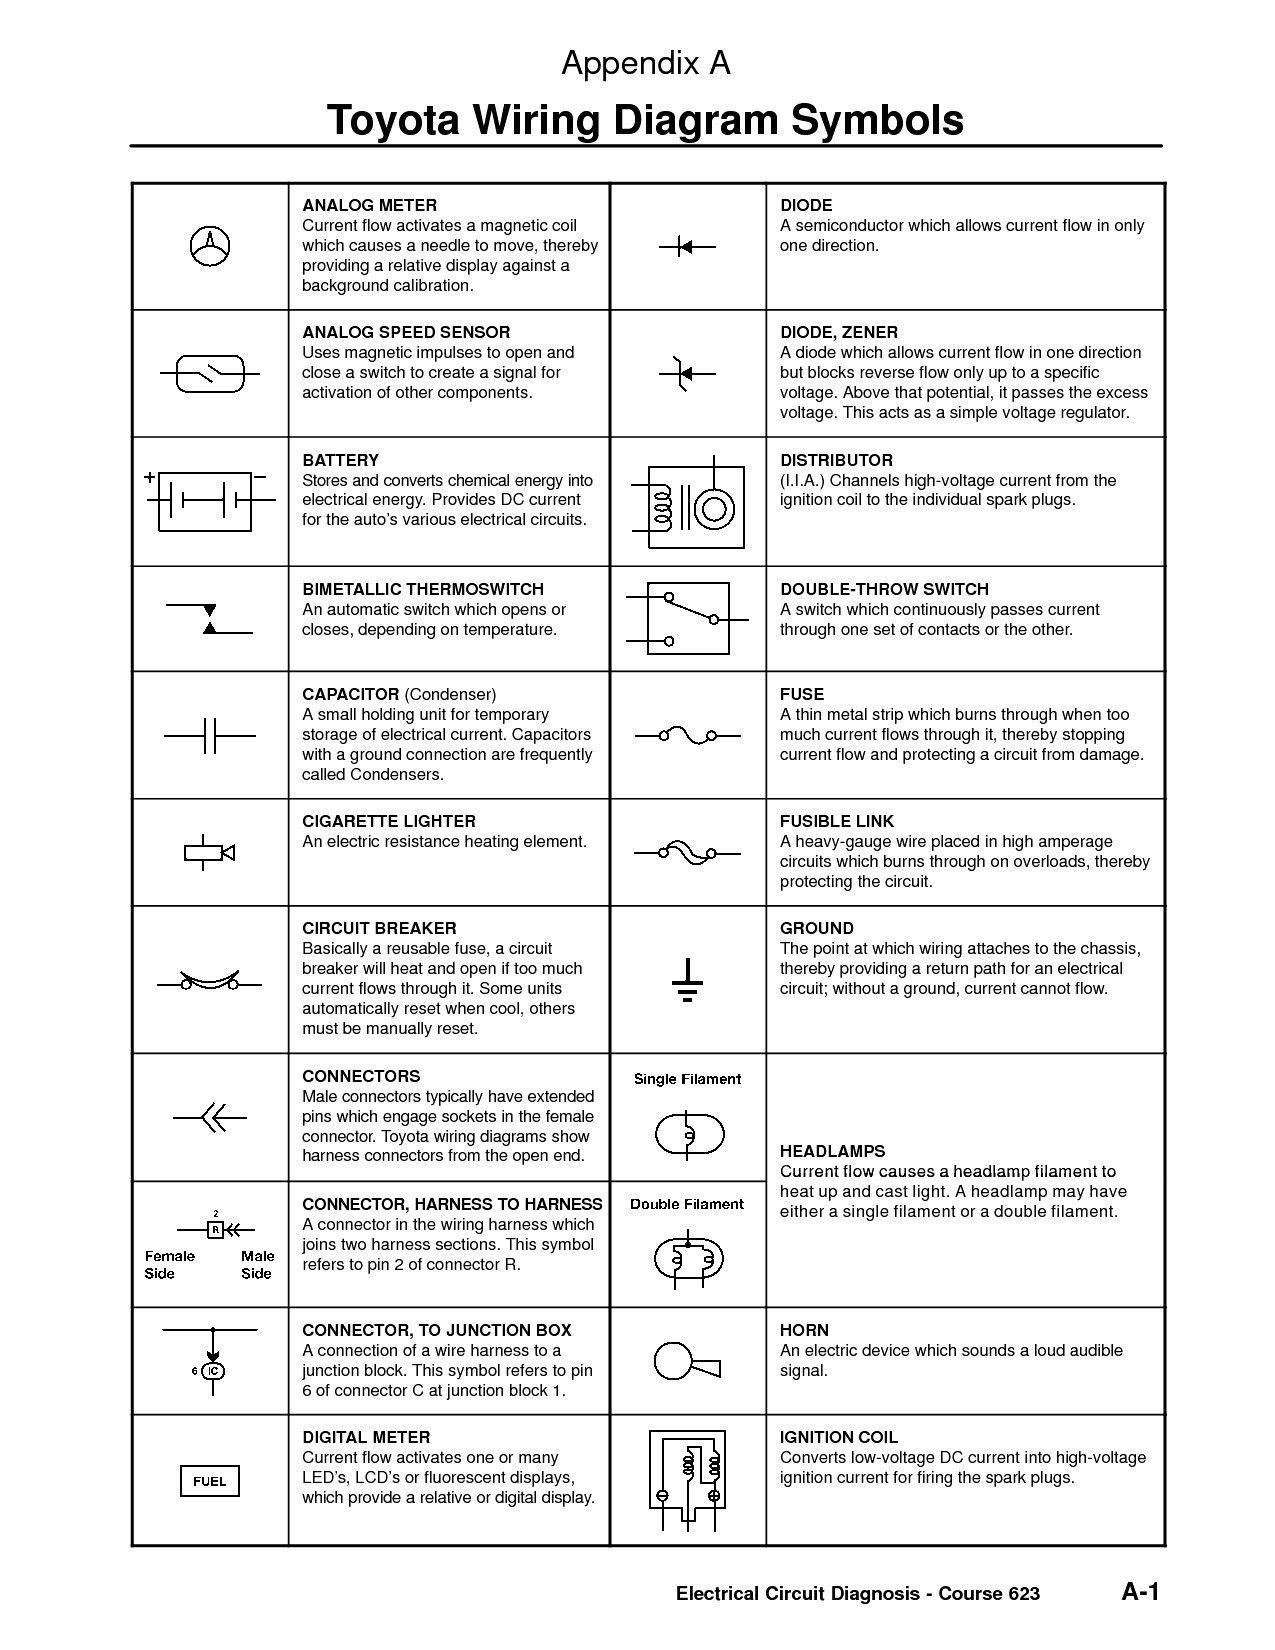 printable wiring diagram symbols wiring diagramwiring